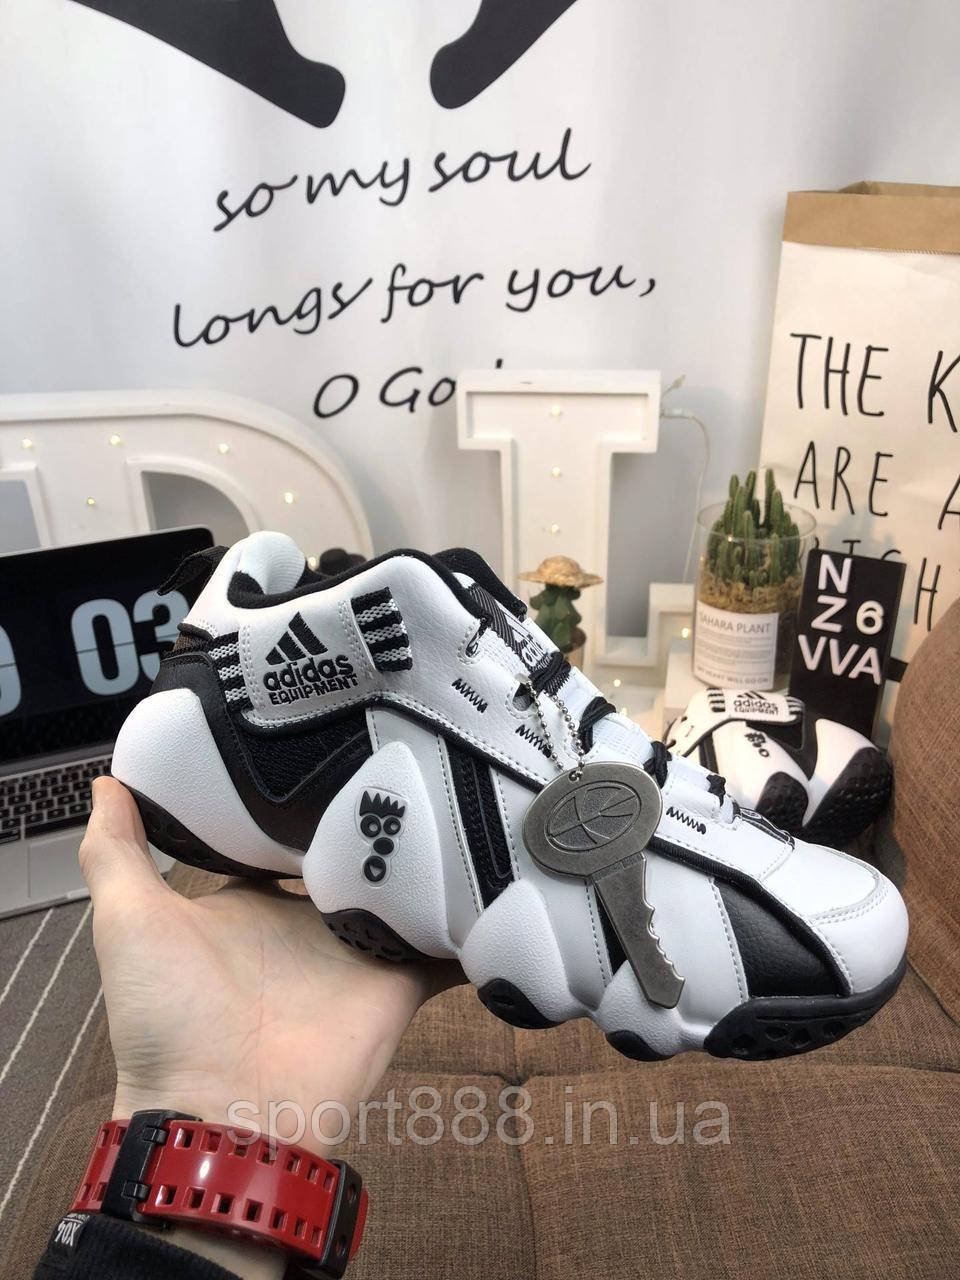 hot sale online 37cab 7c7fd Adidas Originals EQT Key Trainer Keyshawn Johnson мужские кроссовки:  продажа, цена в Николаеве. кроссовки, кеды повседневные от